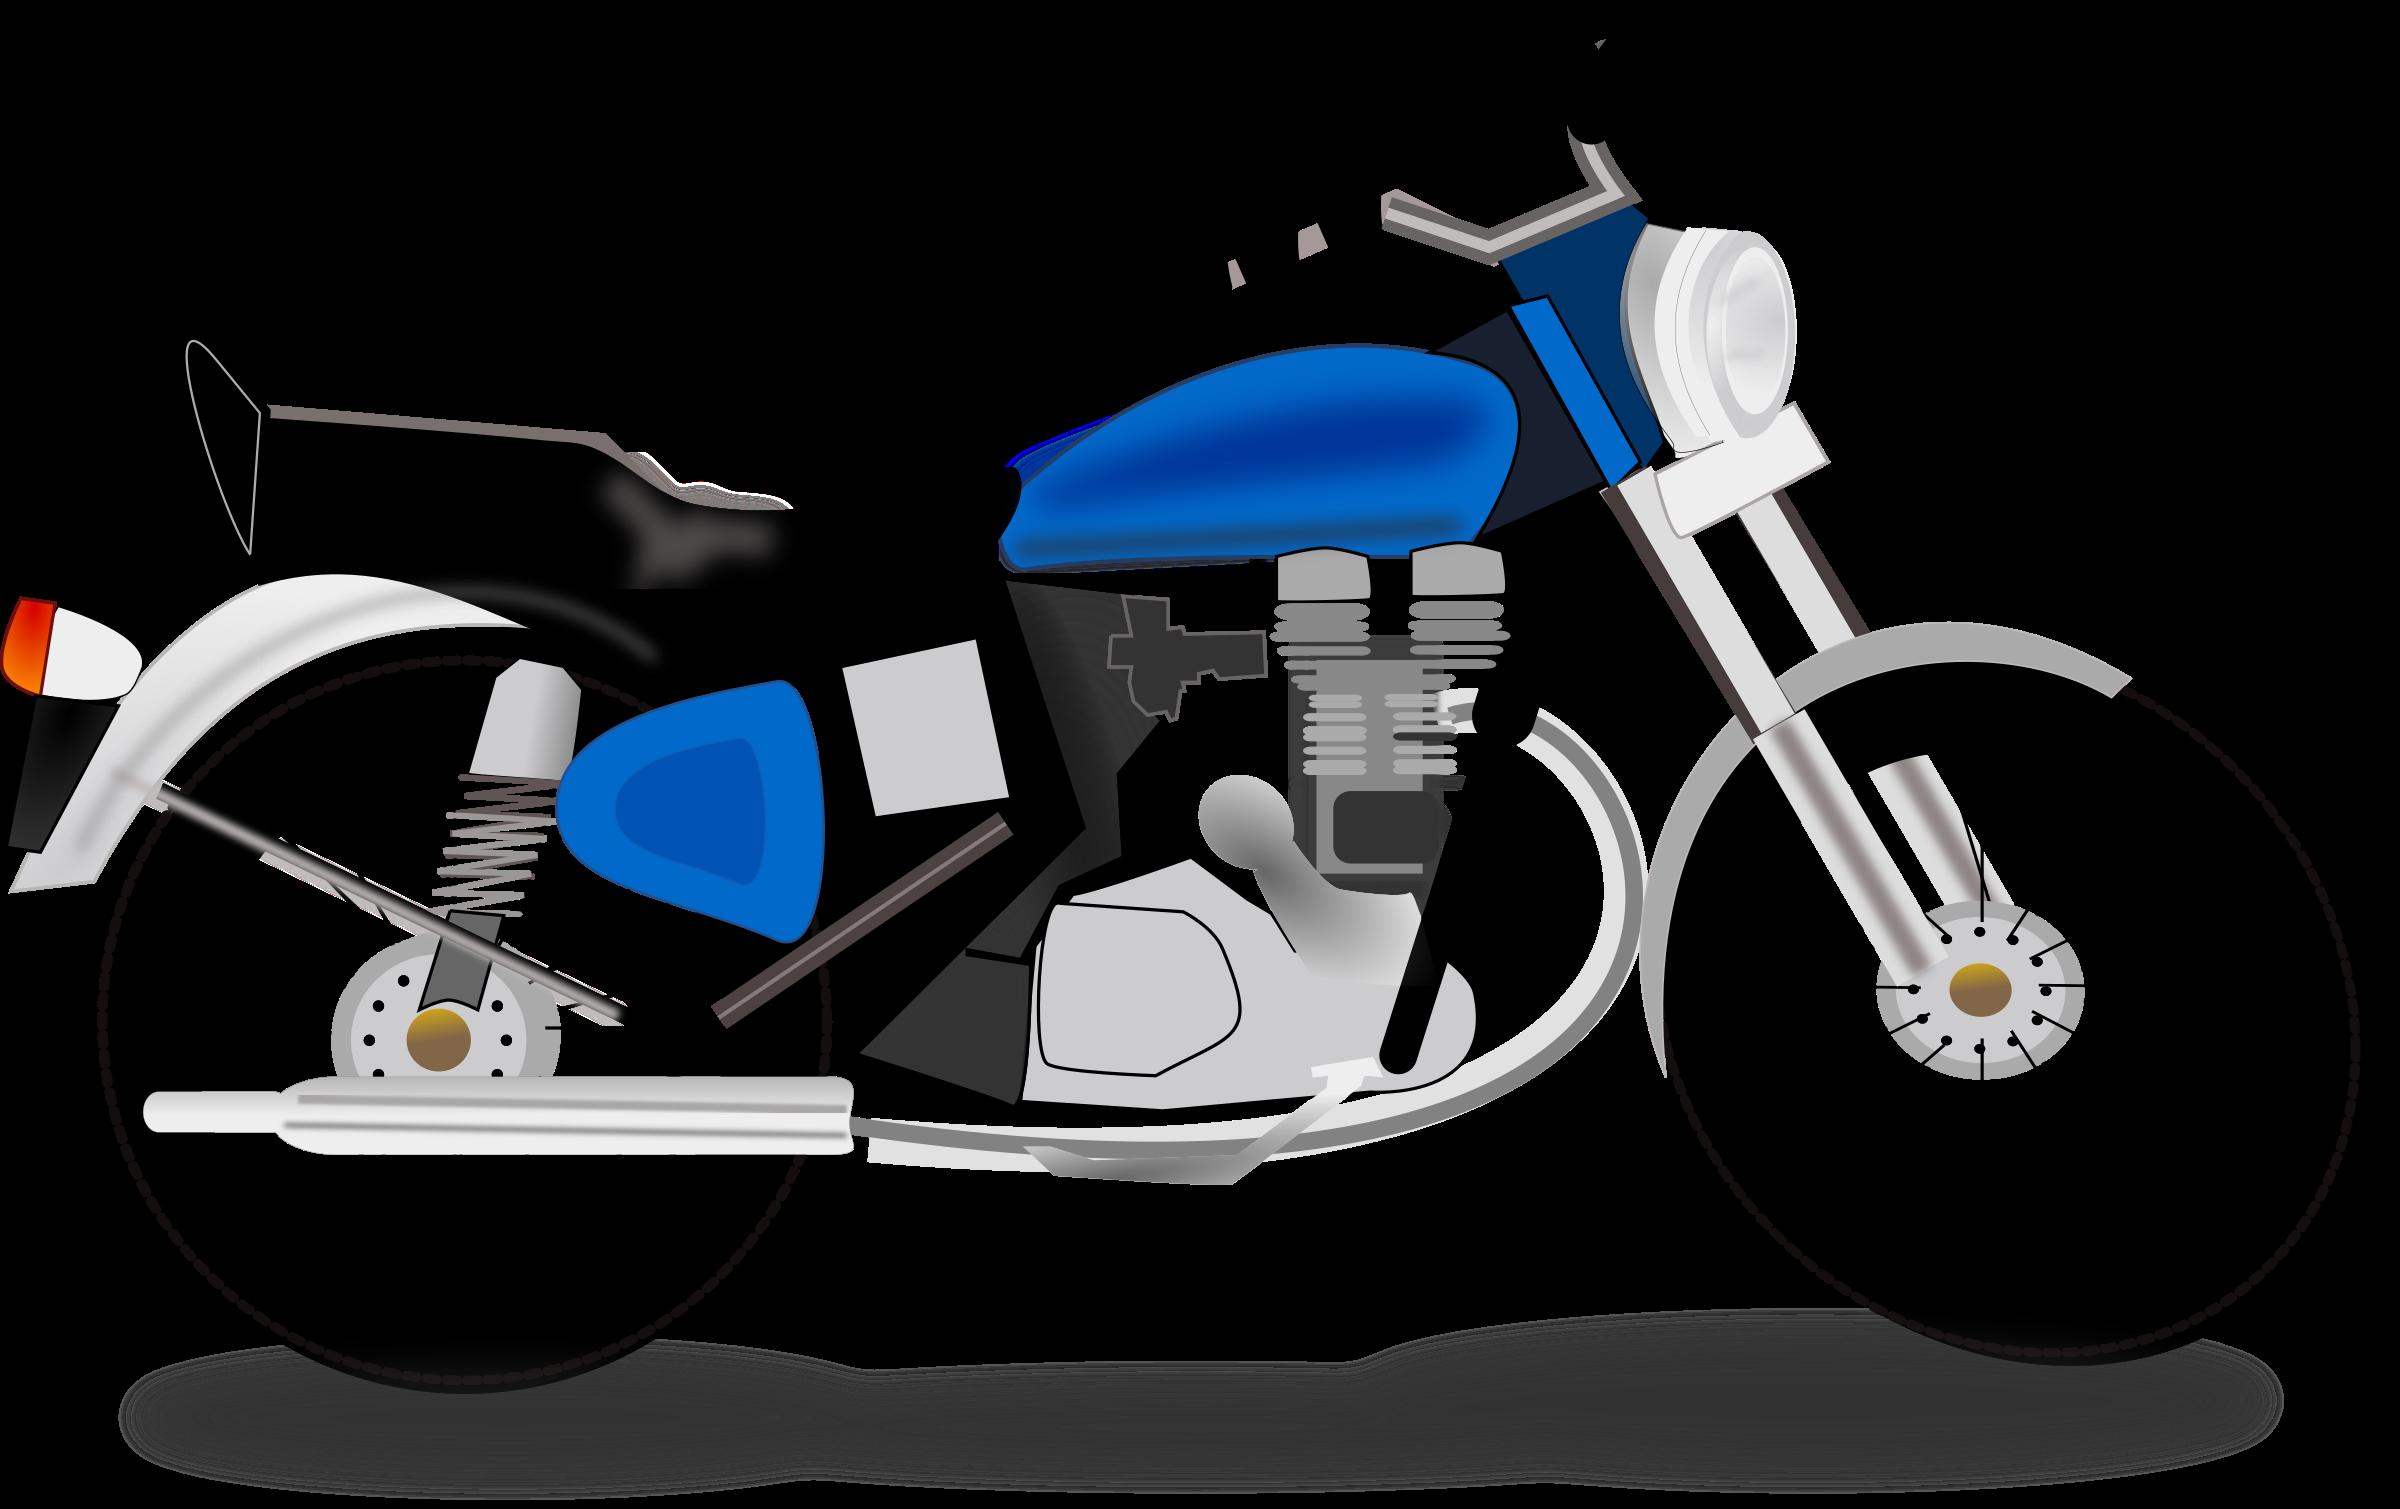 Royal big image png. Motorcycle clipart svg